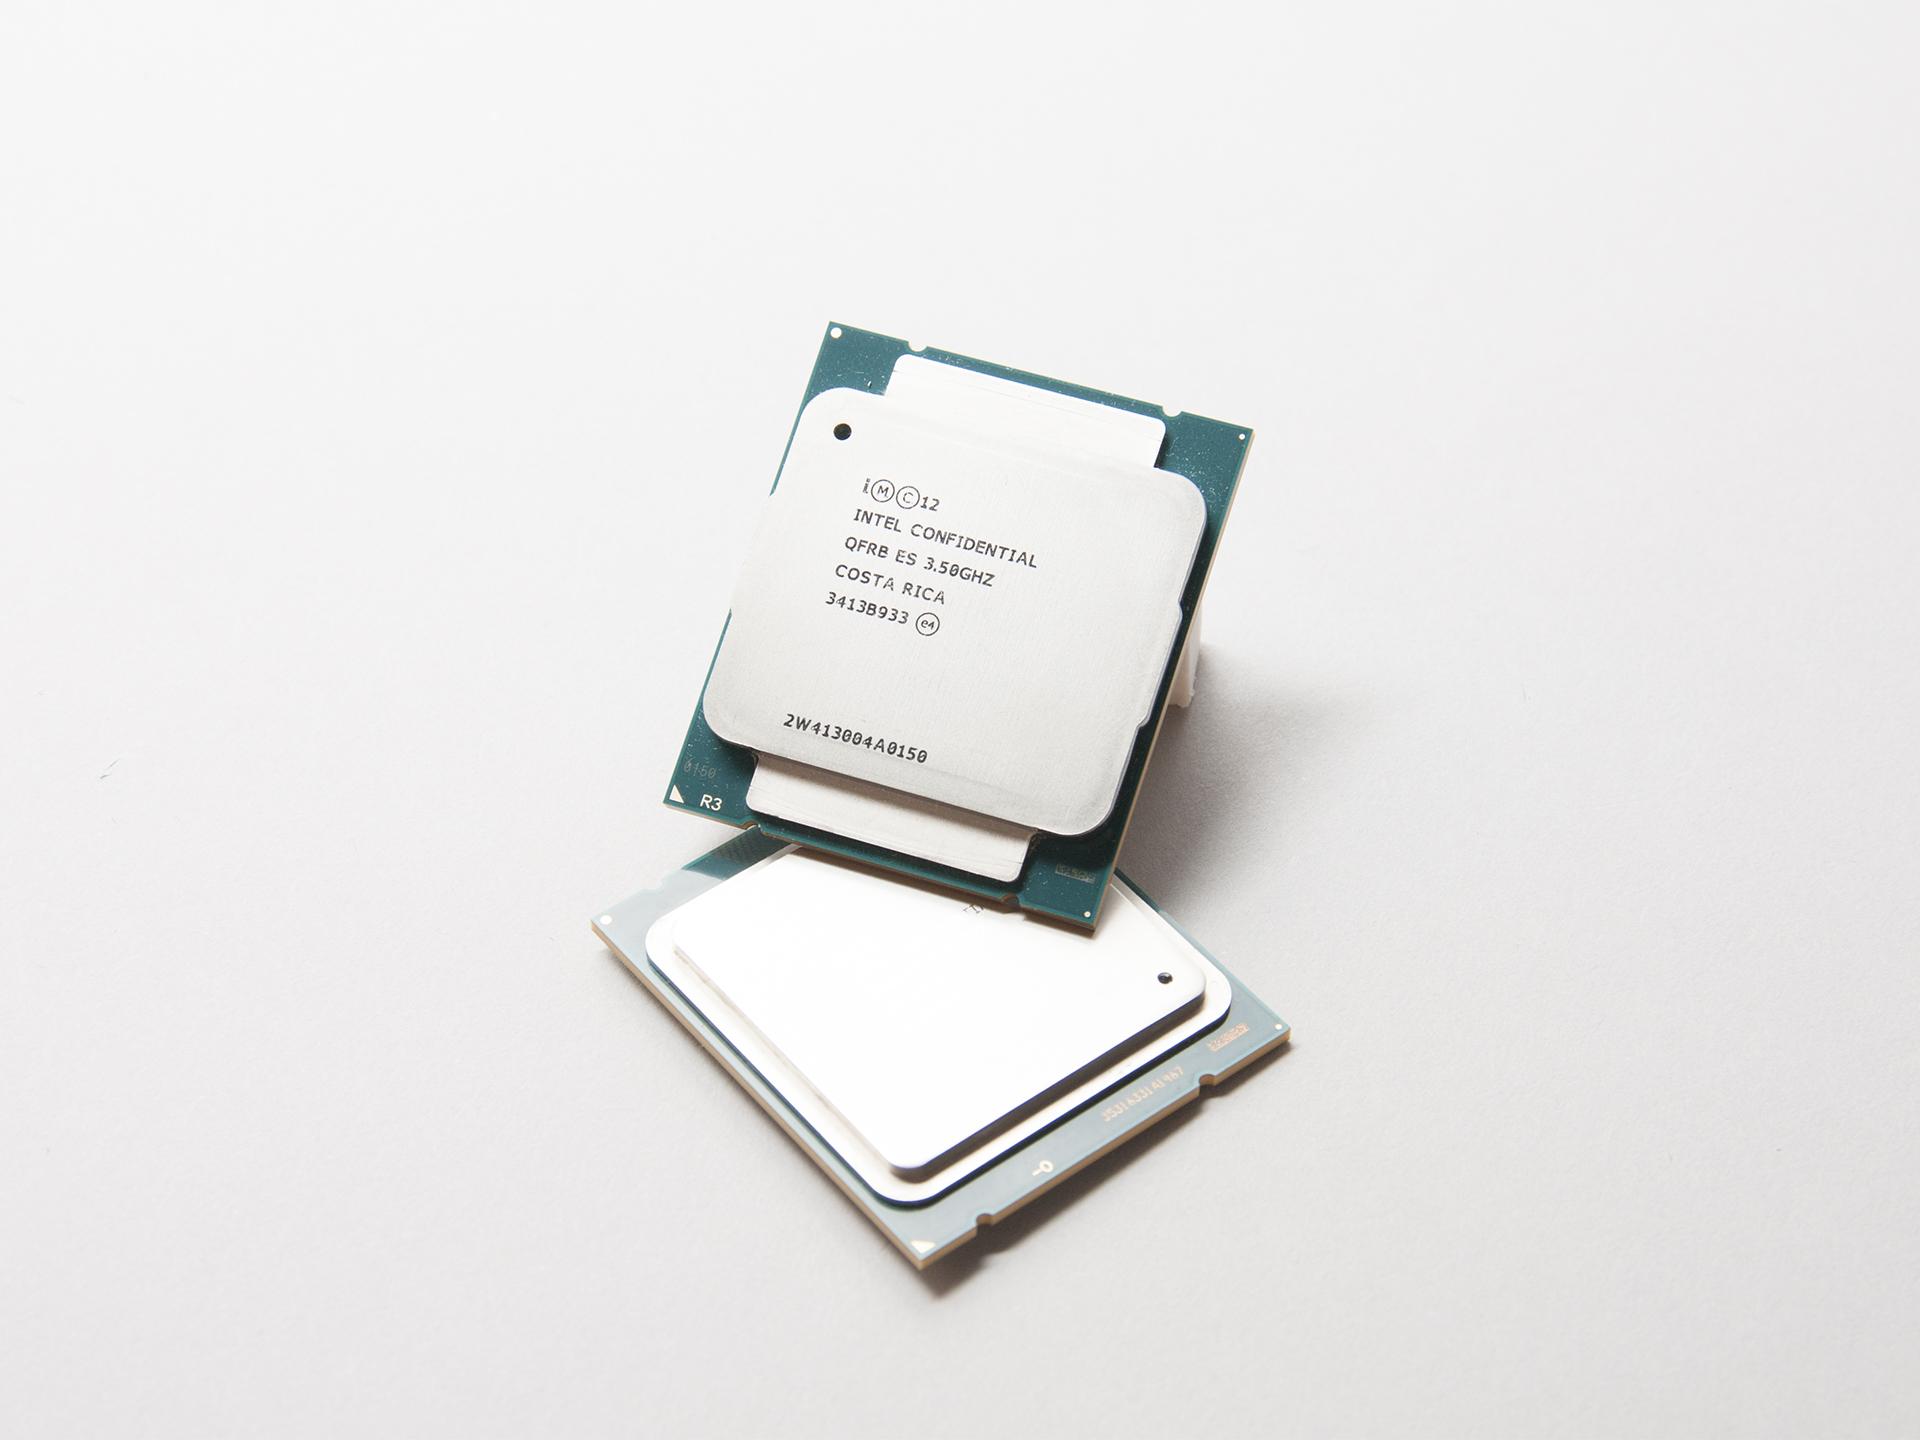 Haswell-E 正式登場,架構、設計全面解密:處理器篇